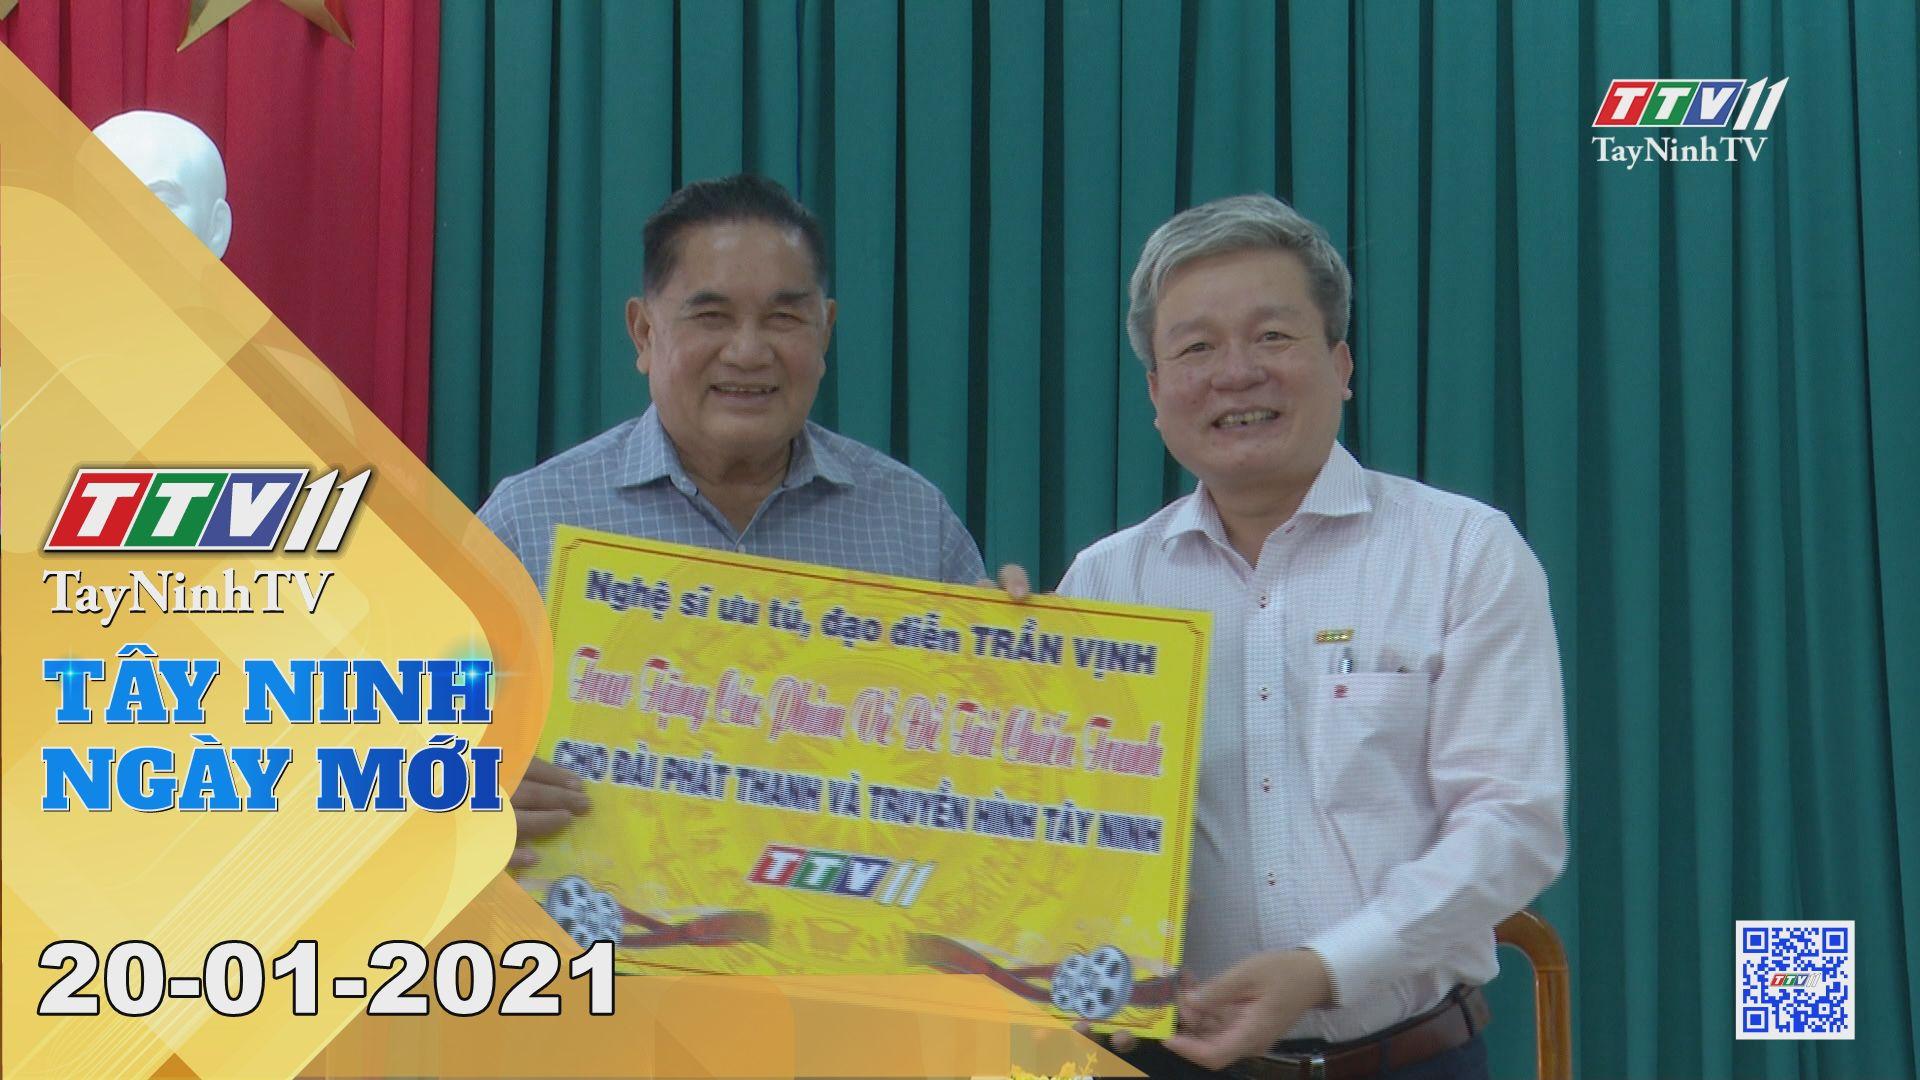 Tây Ninh Ngày Mới 20-01-2021 | Tin tức hôm nay | TayNinhTV